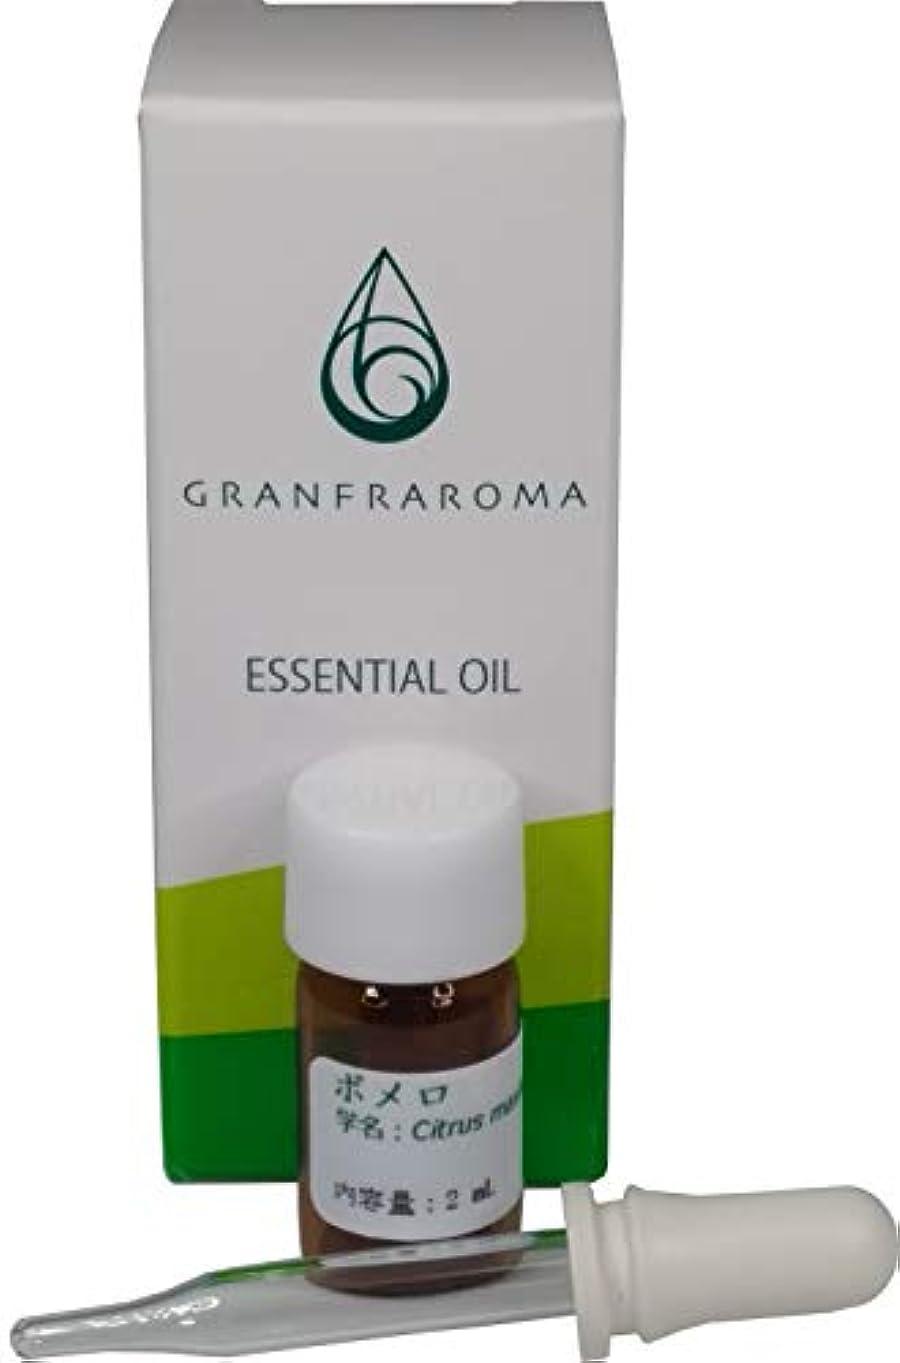 トロピカル臨検その後(グランフラローマ)GRANFRAROMA 精油 ポメロ 溶剤抽出法 エッセンシャルオイル 2ml